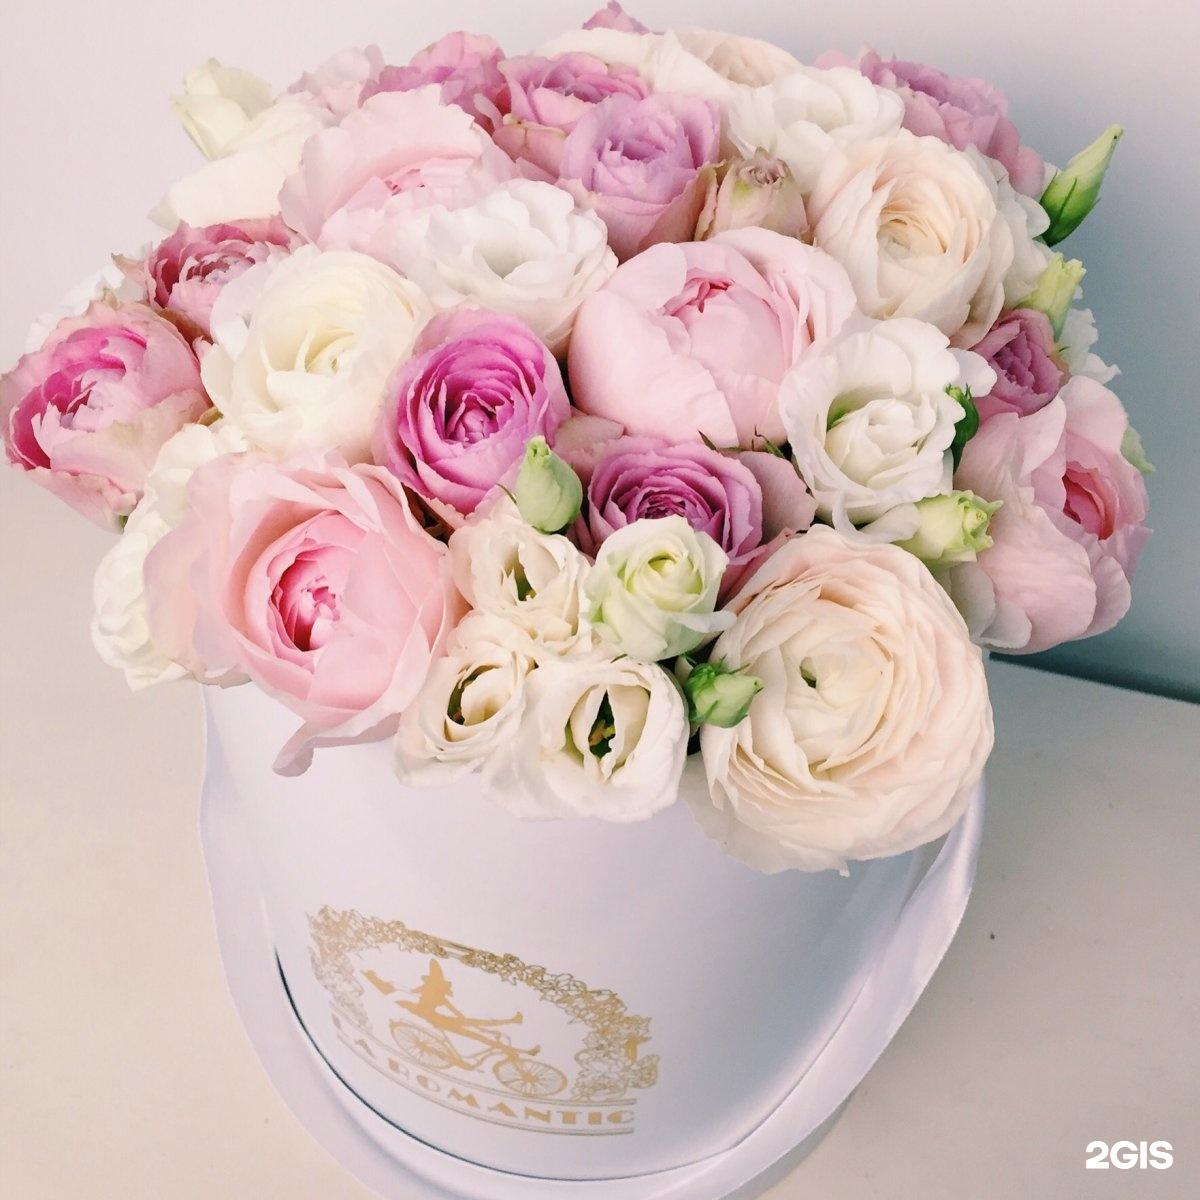 Открытки днем, букеты цветов в коробках открытки красивые